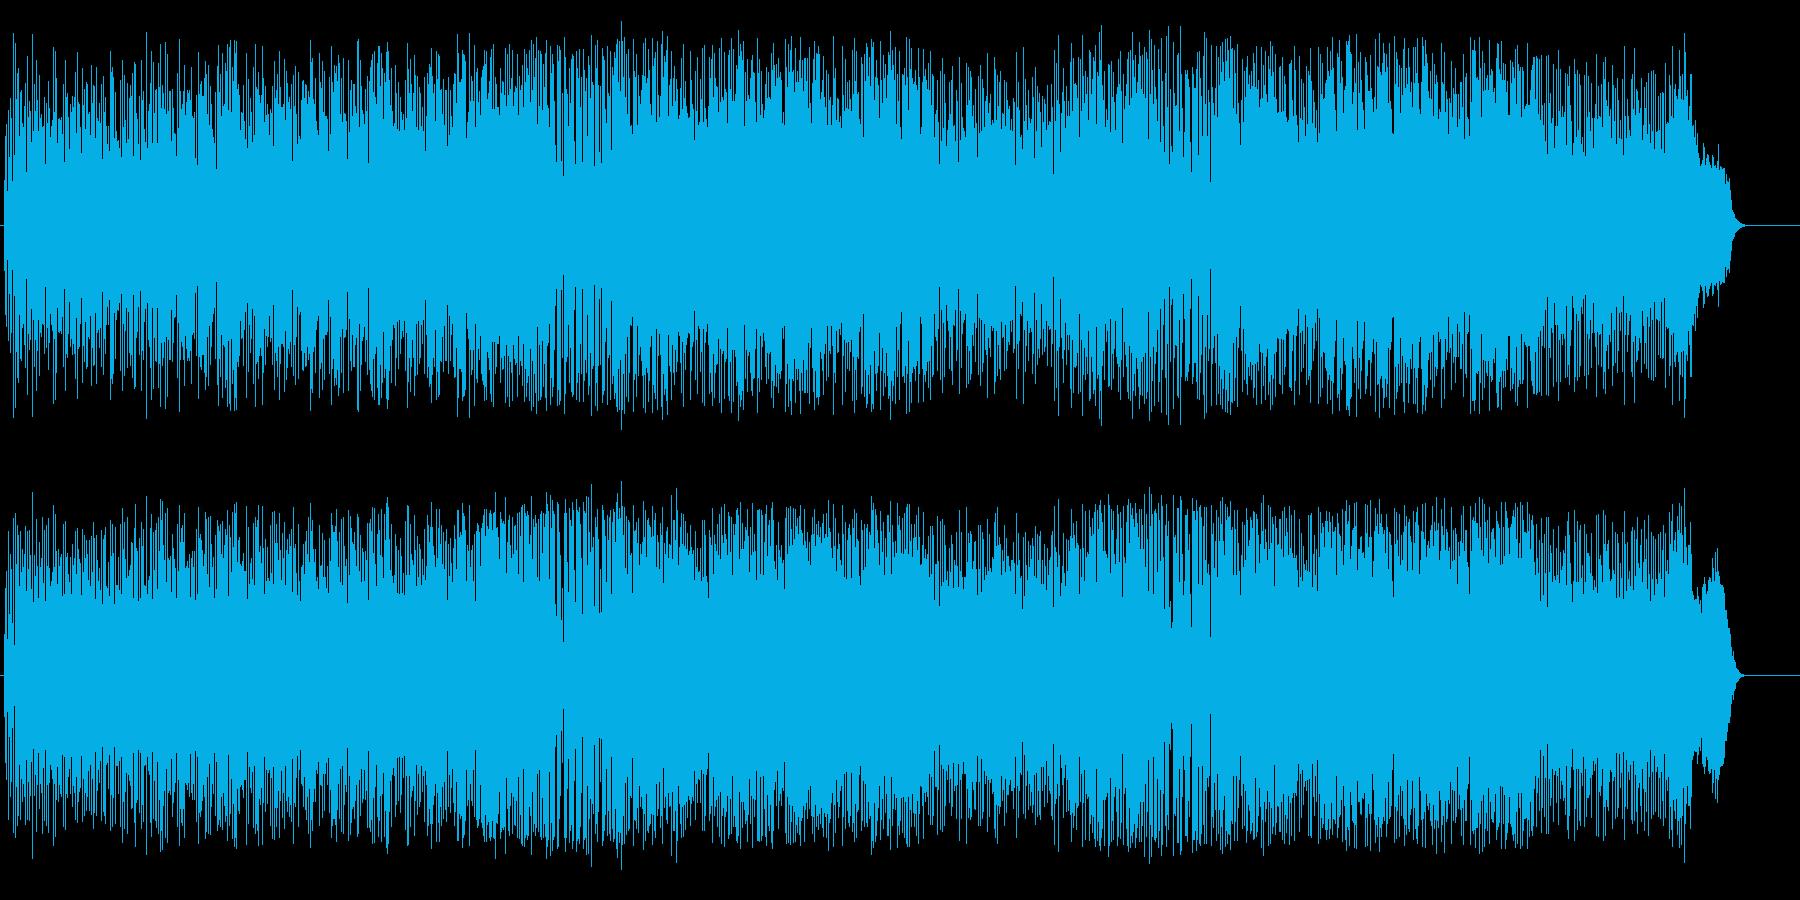 情報番組のつなぎのタイトルの再生済みの波形